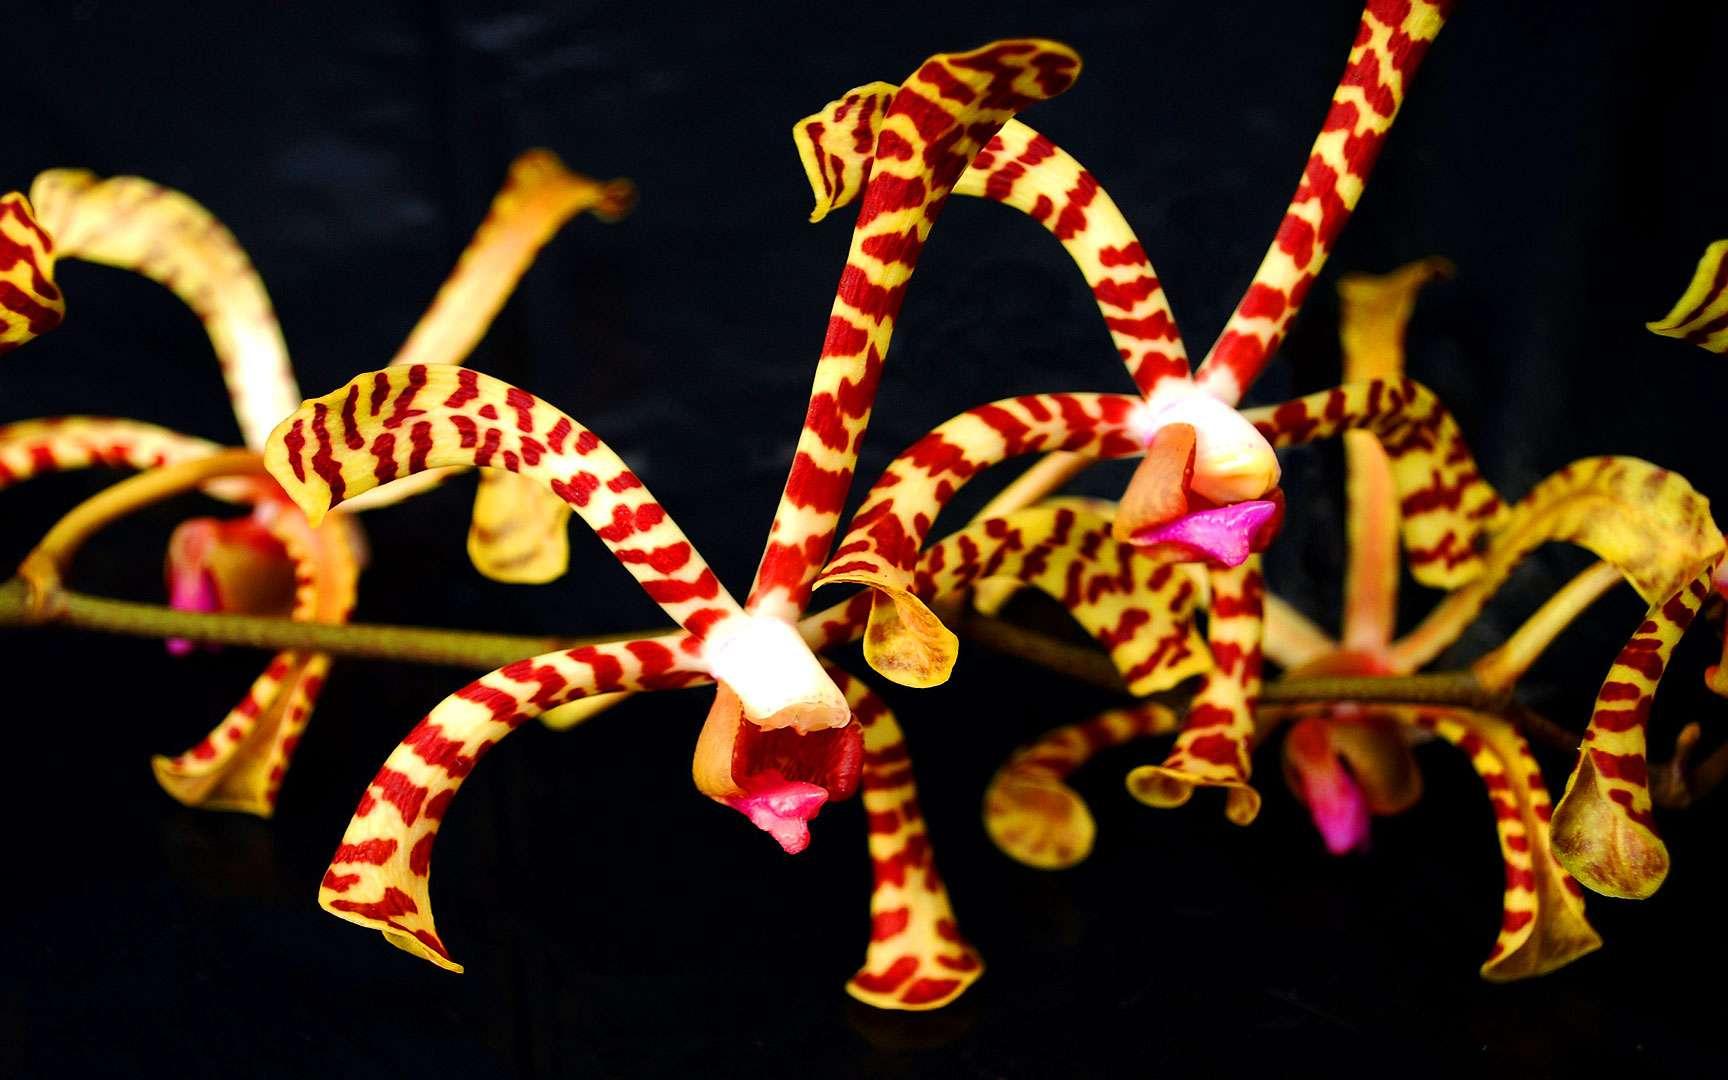 Arachnis, une orchidée d'Asie du Sud-Est. Arachnis est un genre d'orchidées composé d'une dizaine d'espèces que l'on trouve en Asie du Sud-Est, du Bouthan au Sikkim, mais également dans les îles Philippines, Java, Bornéo, Sumatra ou dans les îles Salomon. Les plantes sont des épiphytes en lianes dont les racines sont réparties le long des tiges. Les fleurs fines et délicates, qui ont une forme faisant songer aux araignées, éclosent en grappes. Les orchidées nécessitent beaucoup d'humidité et fleurissent en plein soleil. Les coloris des sépales varient du jaune au rouge et sont bariolés de veines brunâtres plus ou moins marquées. © Amanda Richards, CC by-nc 2.0